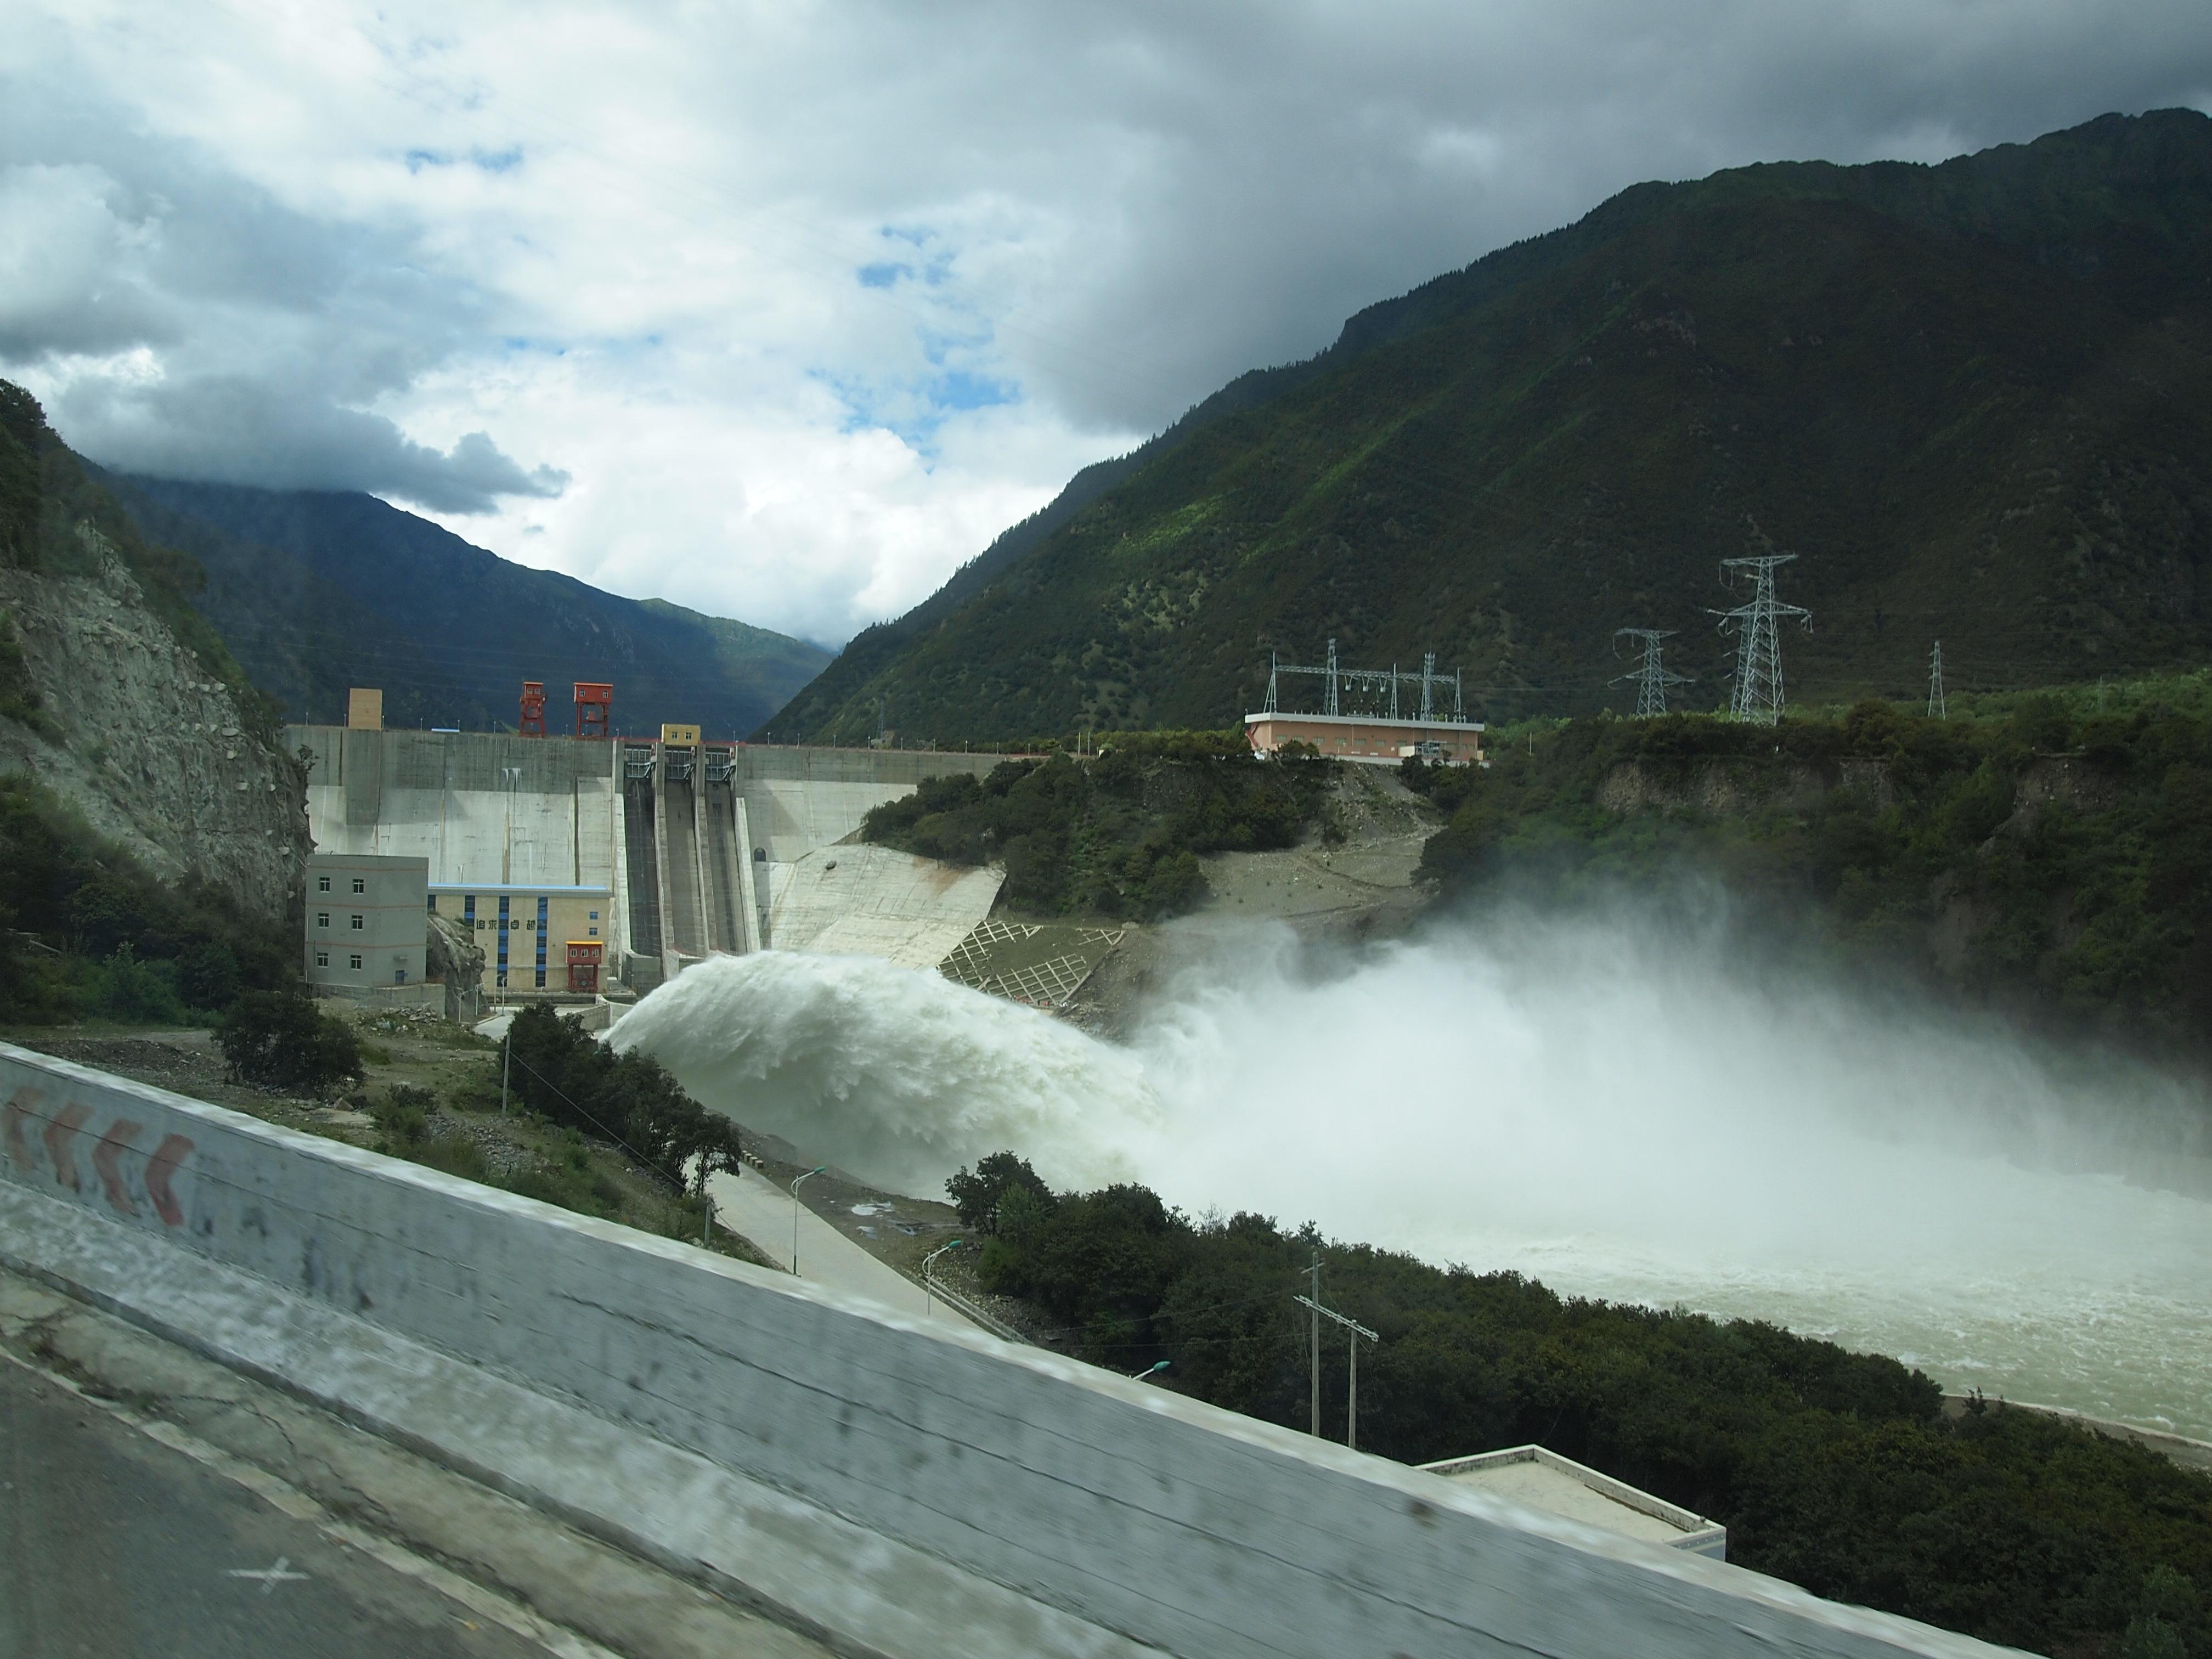 株洲市将于11月底前完成267座小水电站整改